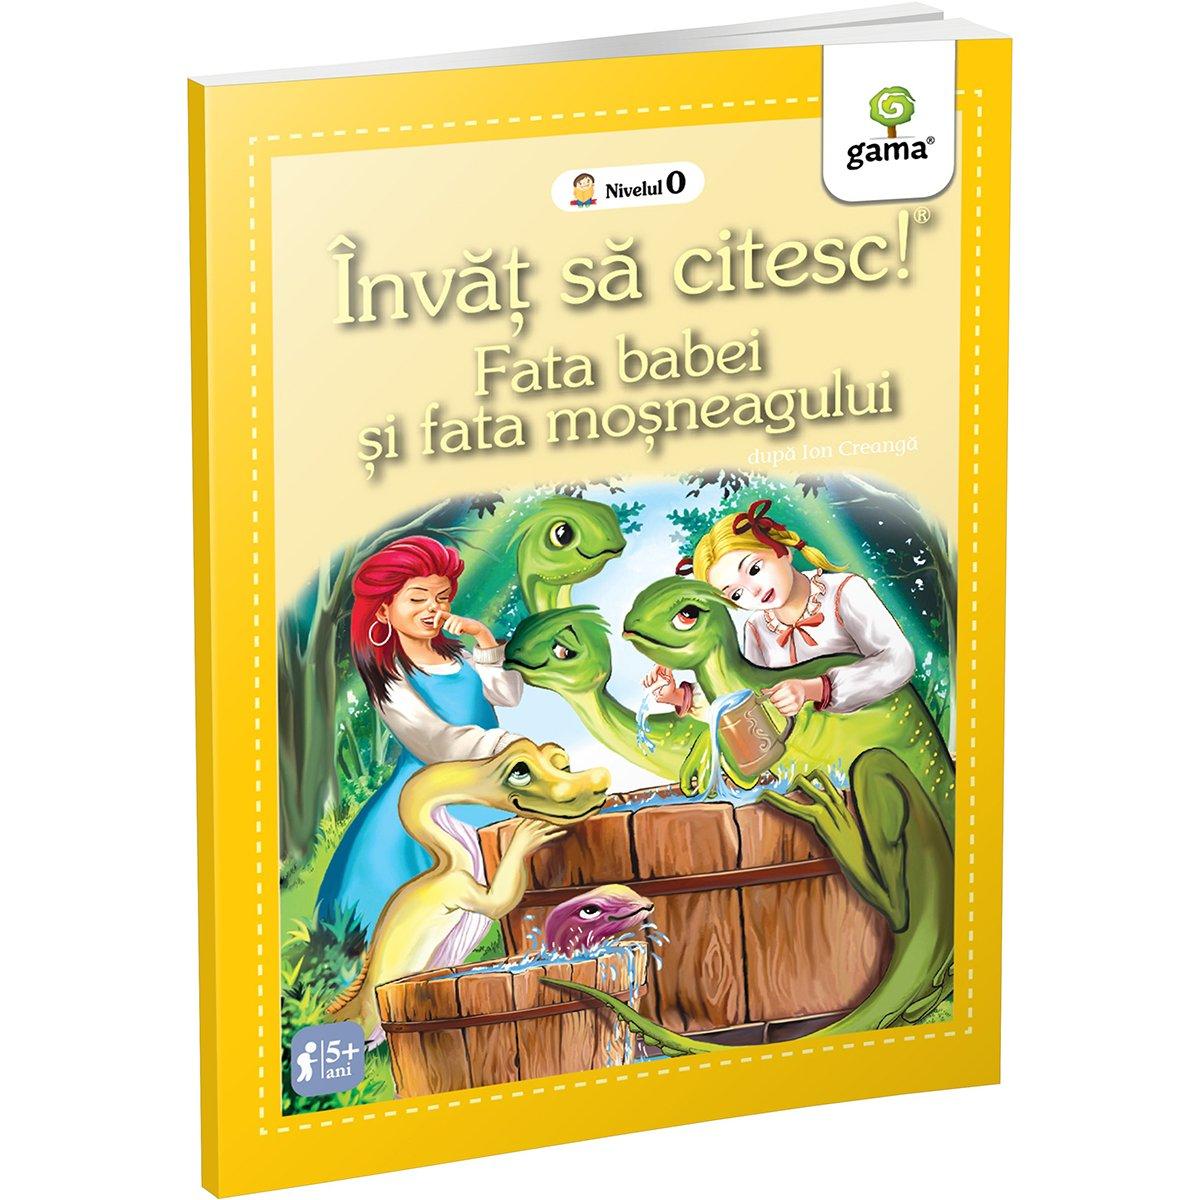 Carte Editura Gama, Fata babei si fata mosului, Invat sa citesc! Nivelul 0